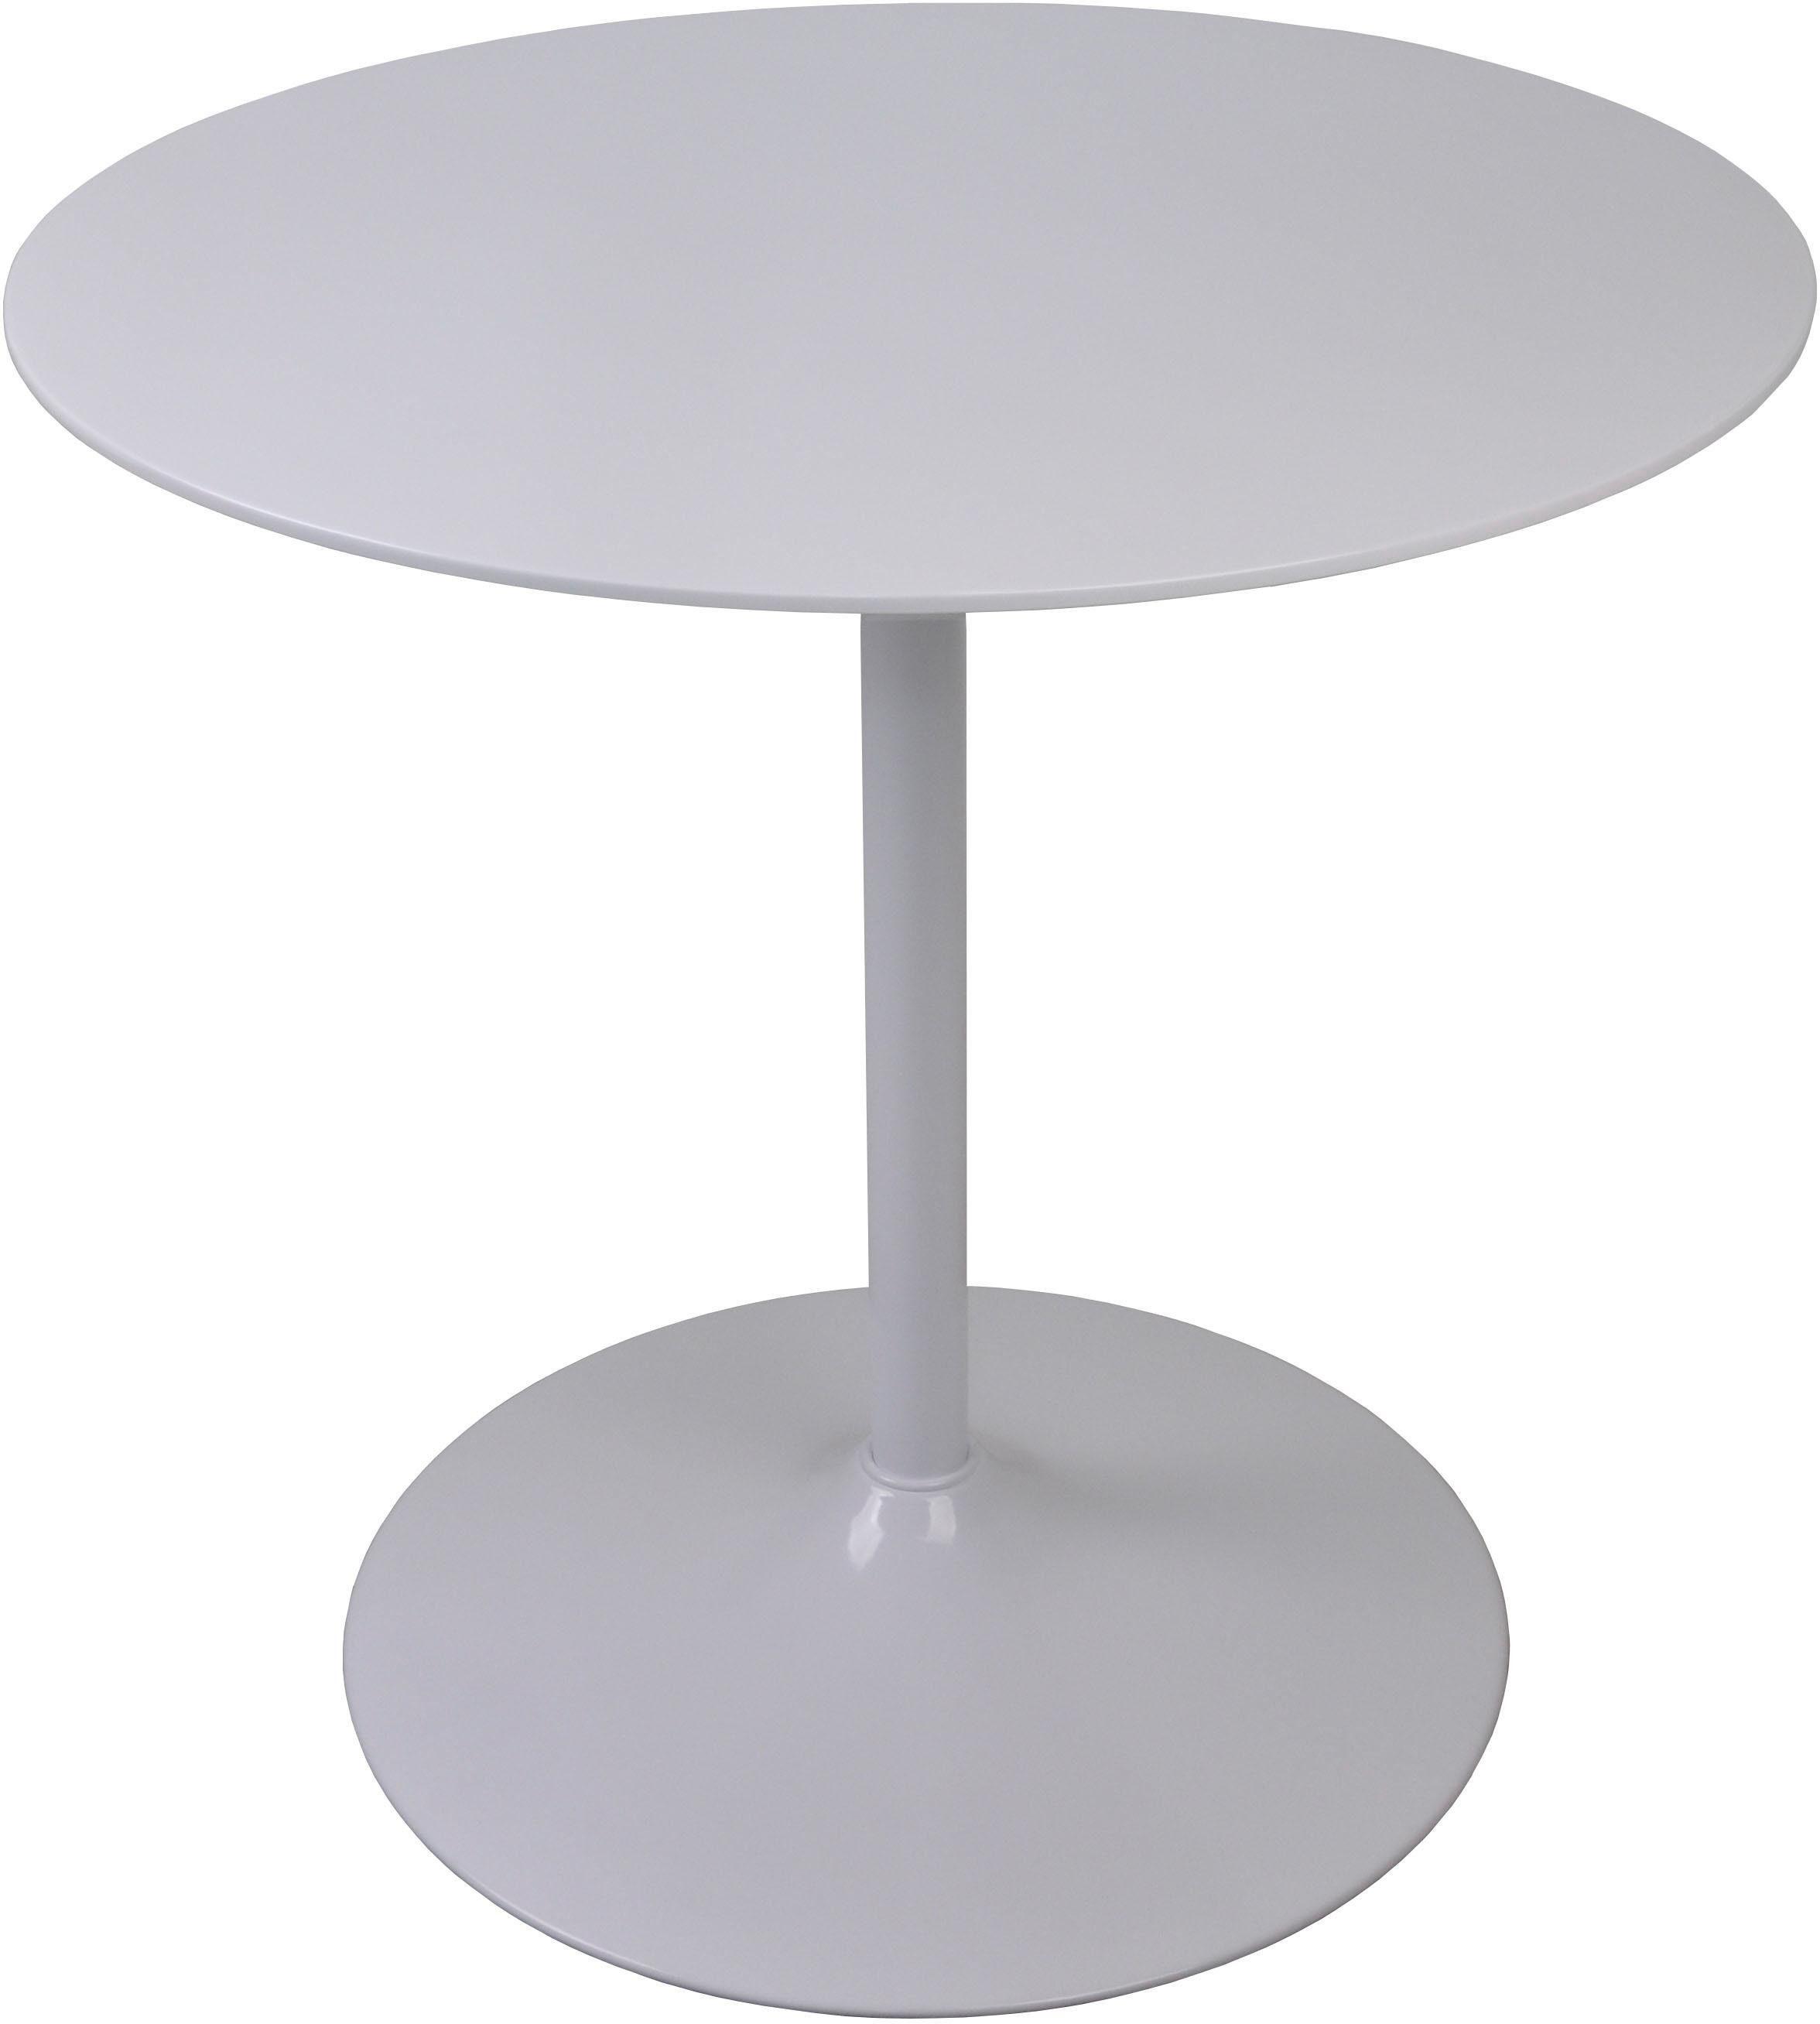 SalesFever Esstisch, rund, Bistro Tisch, Tulpentisch weiß Esstisch Esstische rund oval Tische